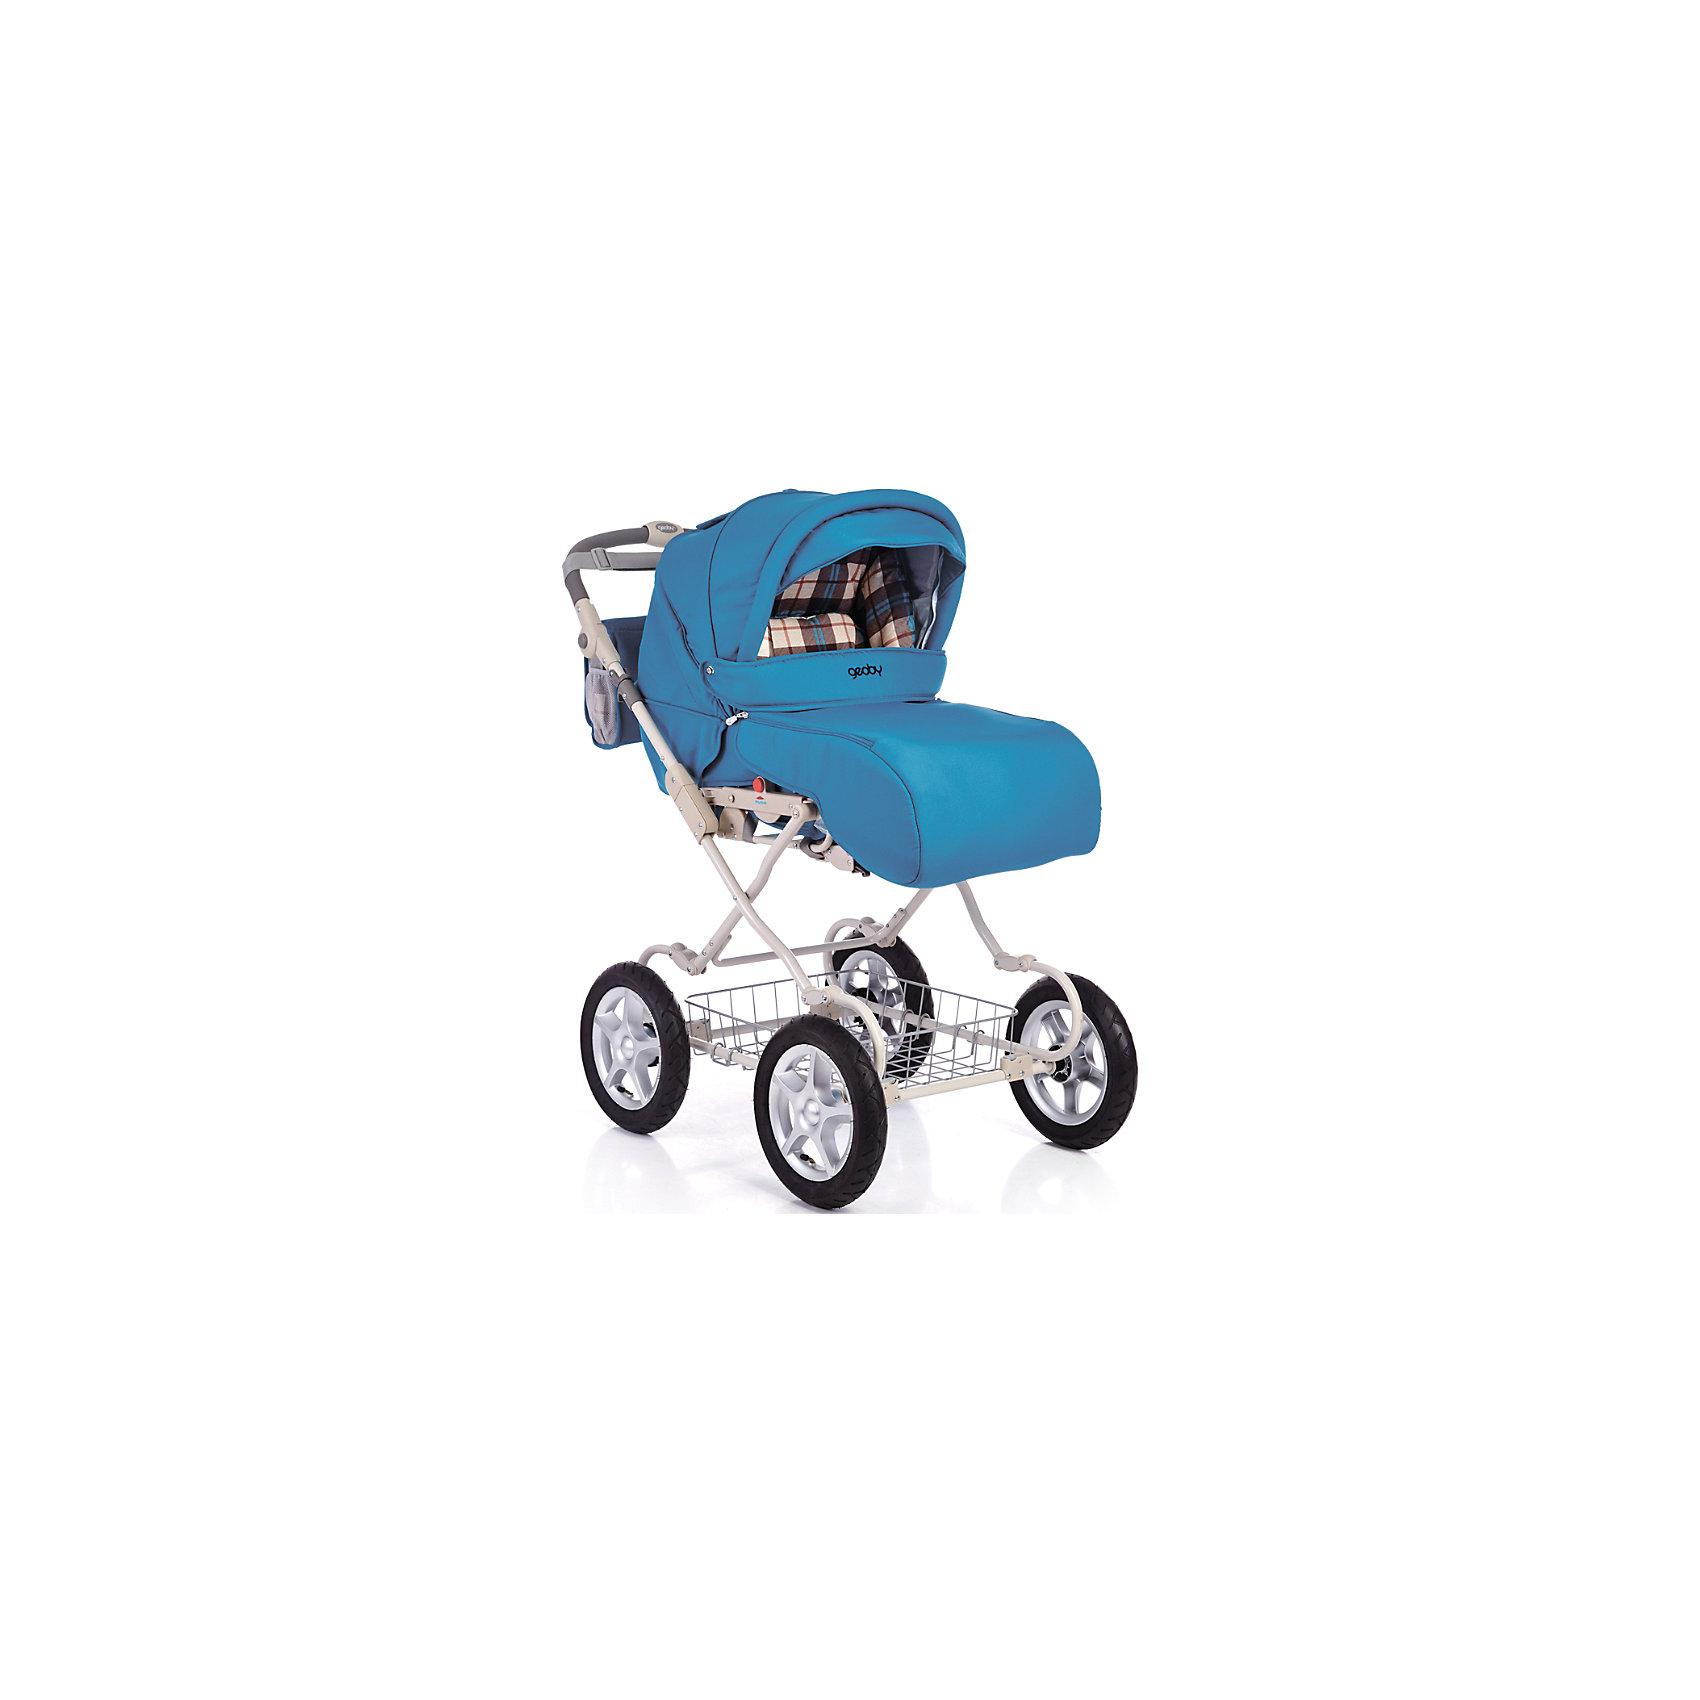 Коляска-трансформер 05C601H (RHLL), Geoby, синийКоляска универсальная Geoby (Геоби) С601H – невероятно уютная и просторная даже для крупного малыша. В ней крохе мягко и комфортно, а ткань обивки гипоаллергенна, легко чистится и всегда радует своим первозданным видом. Немаловажная деталь коляски - большие колеса, благодаря которым коляска отличается хорошей проходимостью и устойчивостью. Амортизация делает все поездки особенно приятными и комфортными для малыша. Стальная рама и прочная конструкция делают модель надежной и очень практичной, а главное – безопасной для малыша. Система пятиточечных ремней комфортно закрепить кроху в сидении, не вызывая у малыша негодования или возмущений. Широкий капюшон, козырек от солнца и смотровое окошко позволяют маме с легкостью заботиться о крохе во время прогулок.<br><br>Дополнительная информация:<br><br>Стальная рама<br>3 положения наклона спинки<br>2 положения подножки<br>Пневмоколеса<br>Амортизационная подвеска<br>Съемные колеса на подшипниках<br>Съемный прогулочный блок устанавливается в любом направлении движения<br>Ремни для переноски прогулочного блока<br>Светоотражающие полосы<br>Регулируемая по высоте ручка<br>Система ремней безопасности<br>Смотровое окно<br>Вентиляционное окно<br>Складной козырек от солнца<br>Багажная корзина.<br>В комплекте: полог, сумка, дождевик, москитная сетка, матрасик, люлька для переноски ребенка, насос.<br>Размер в разложенном виде: 895 х 600 х 1045 мм.<br>Диаметр колес: 30 см.<br>Вес коляски: 20,5 кг. <br><br>Коляску-трансформер 05C601H (RHLL), Geoby (Геоби), синий можно купить в нашем магазине.<br><br>Ширина мм: 535<br>Глубина мм: 400<br>Высота мм: 900<br>Вес г: 24100<br>Возраст от месяцев: 0<br>Возраст до месяцев: 36<br>Пол: Мужской<br>Возраст: Детский<br>SKU: 4640533